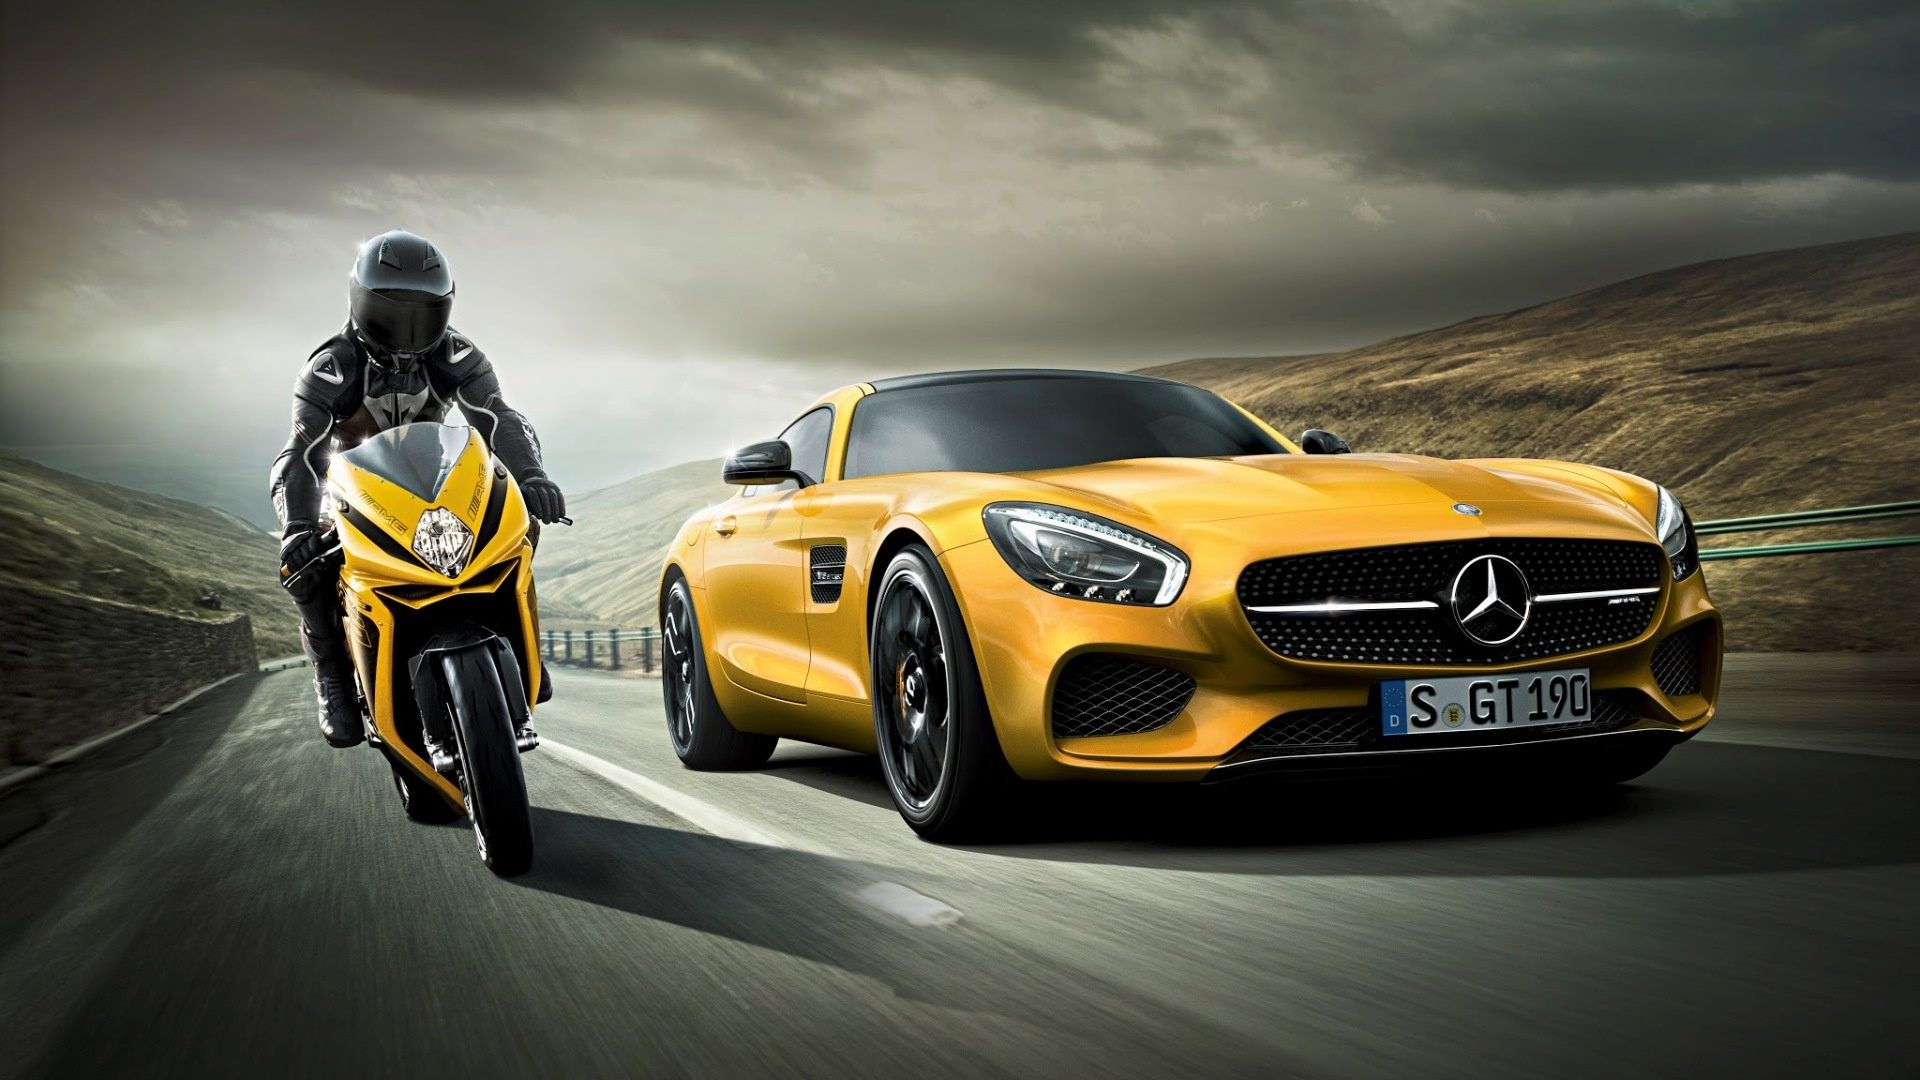 Vs Motorcycle Motorbike